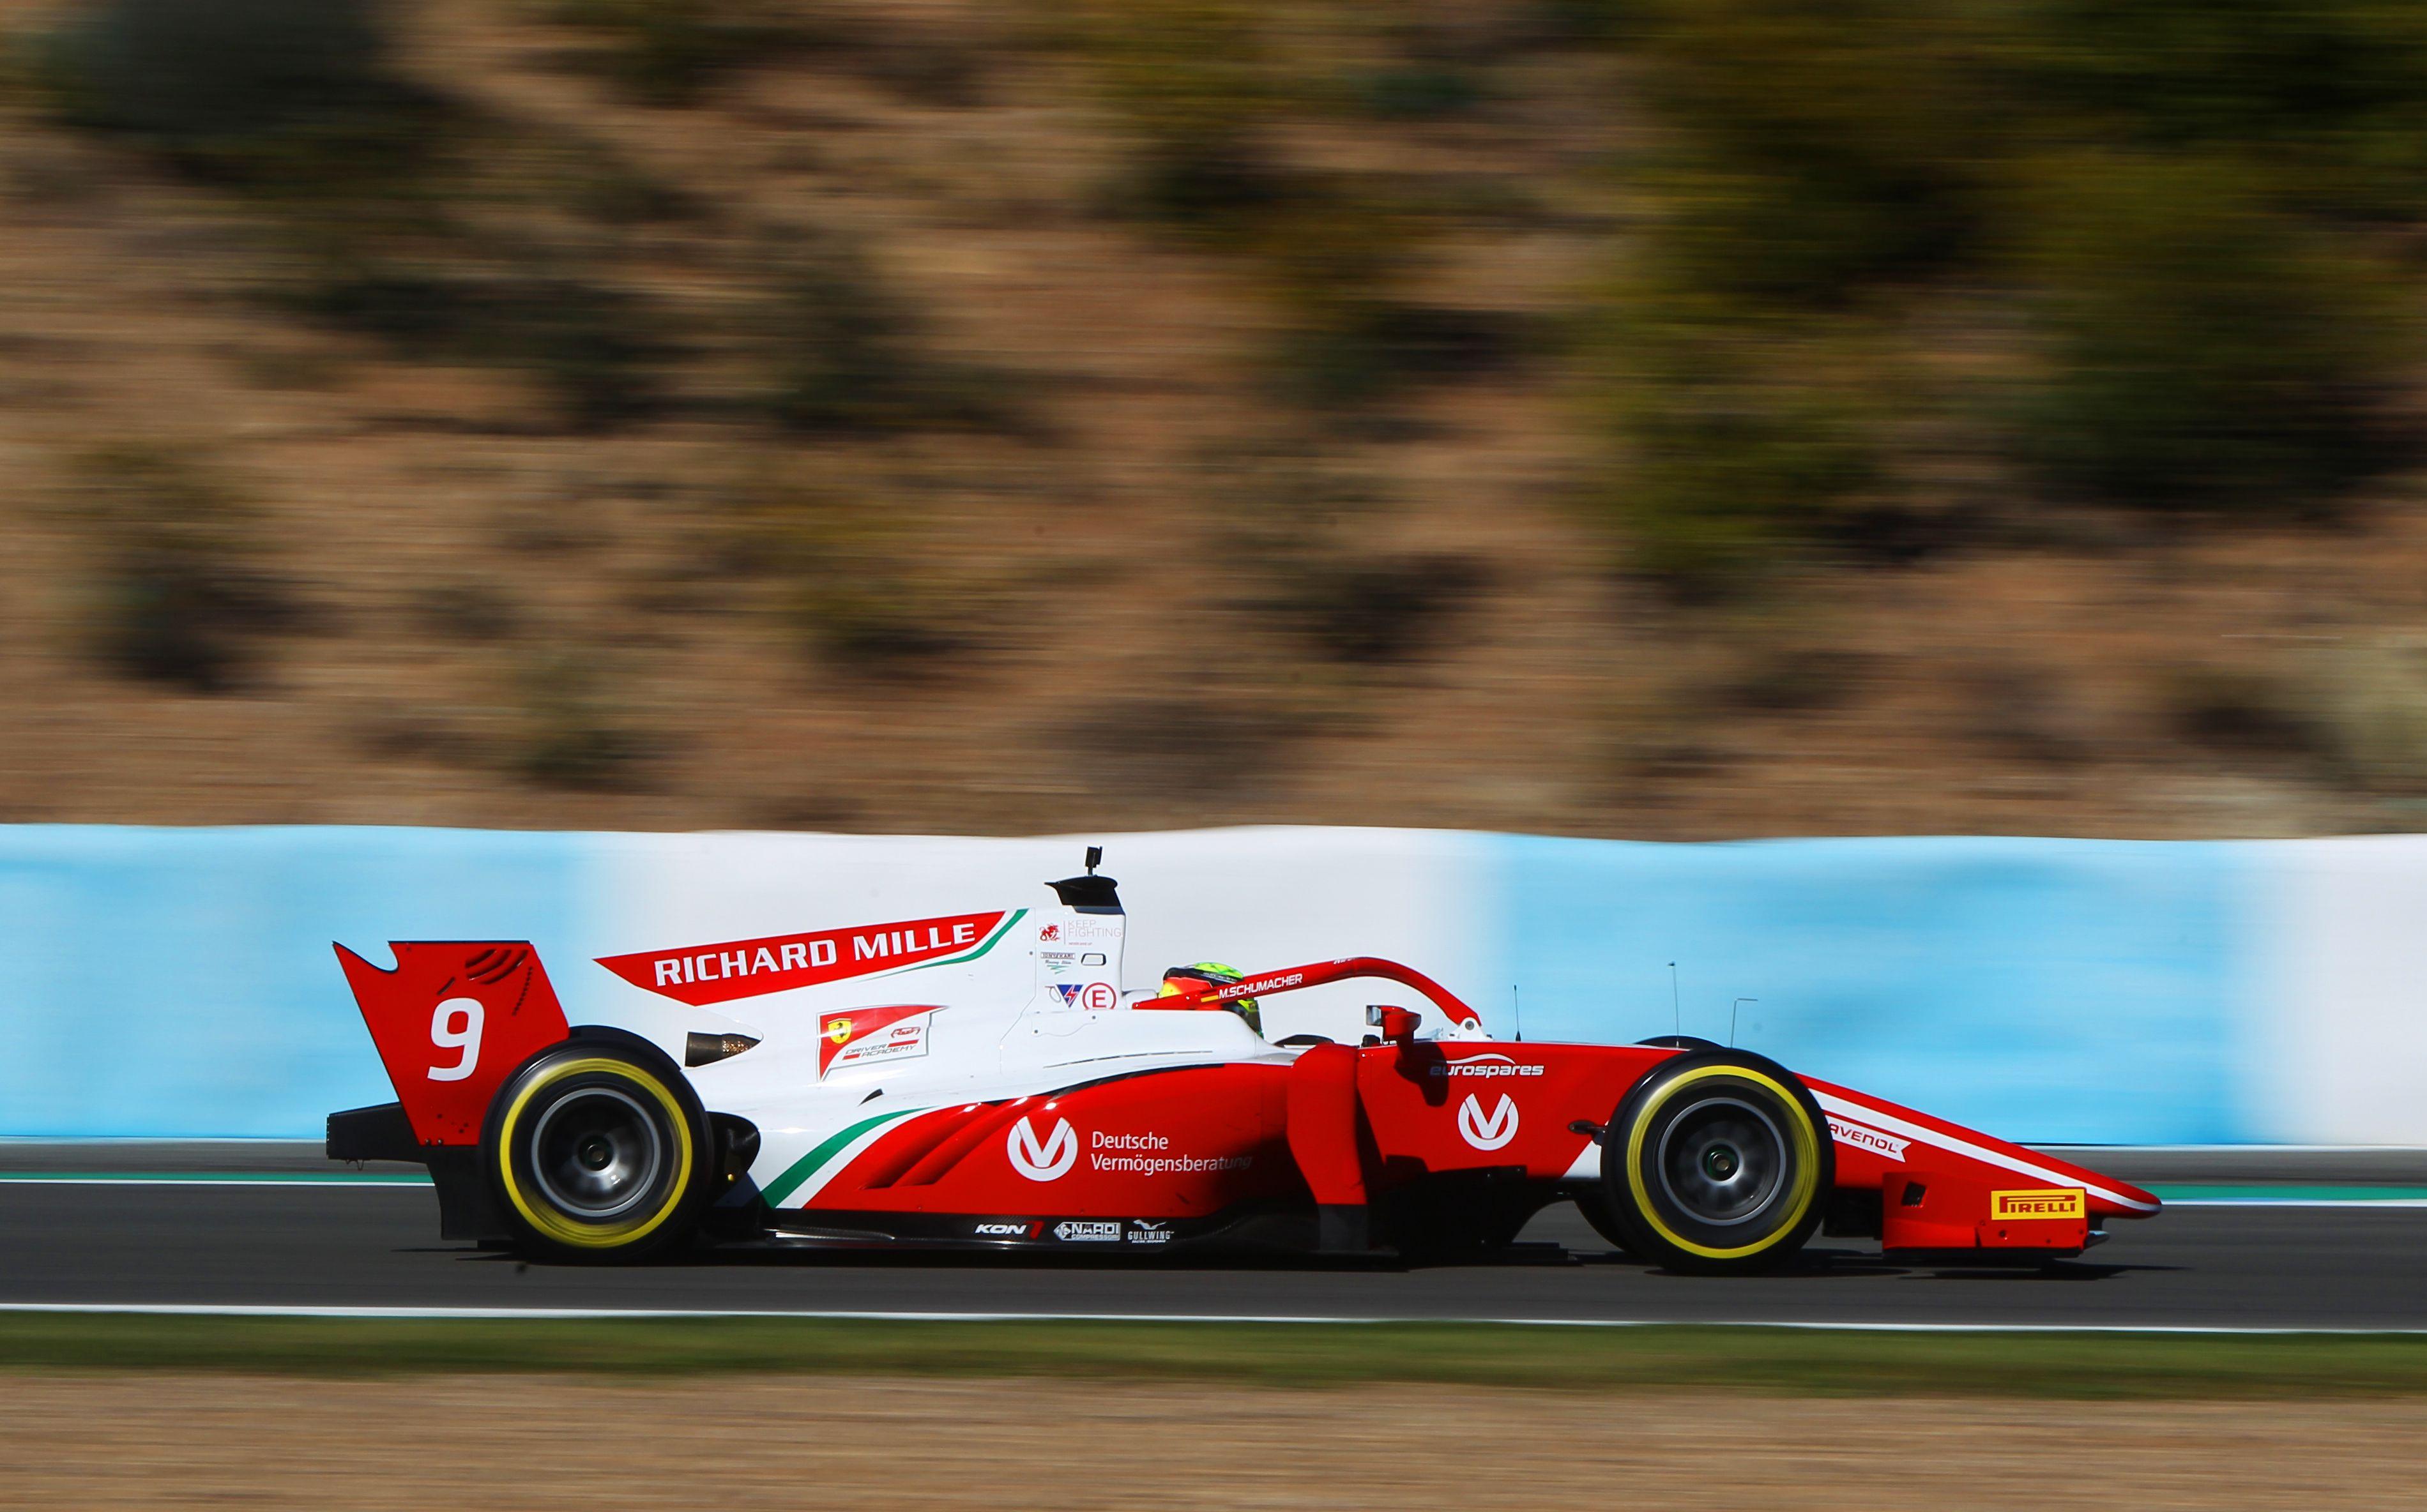 Jerez F2 2019 Test Schumacher Tops Final Day Despite Spin